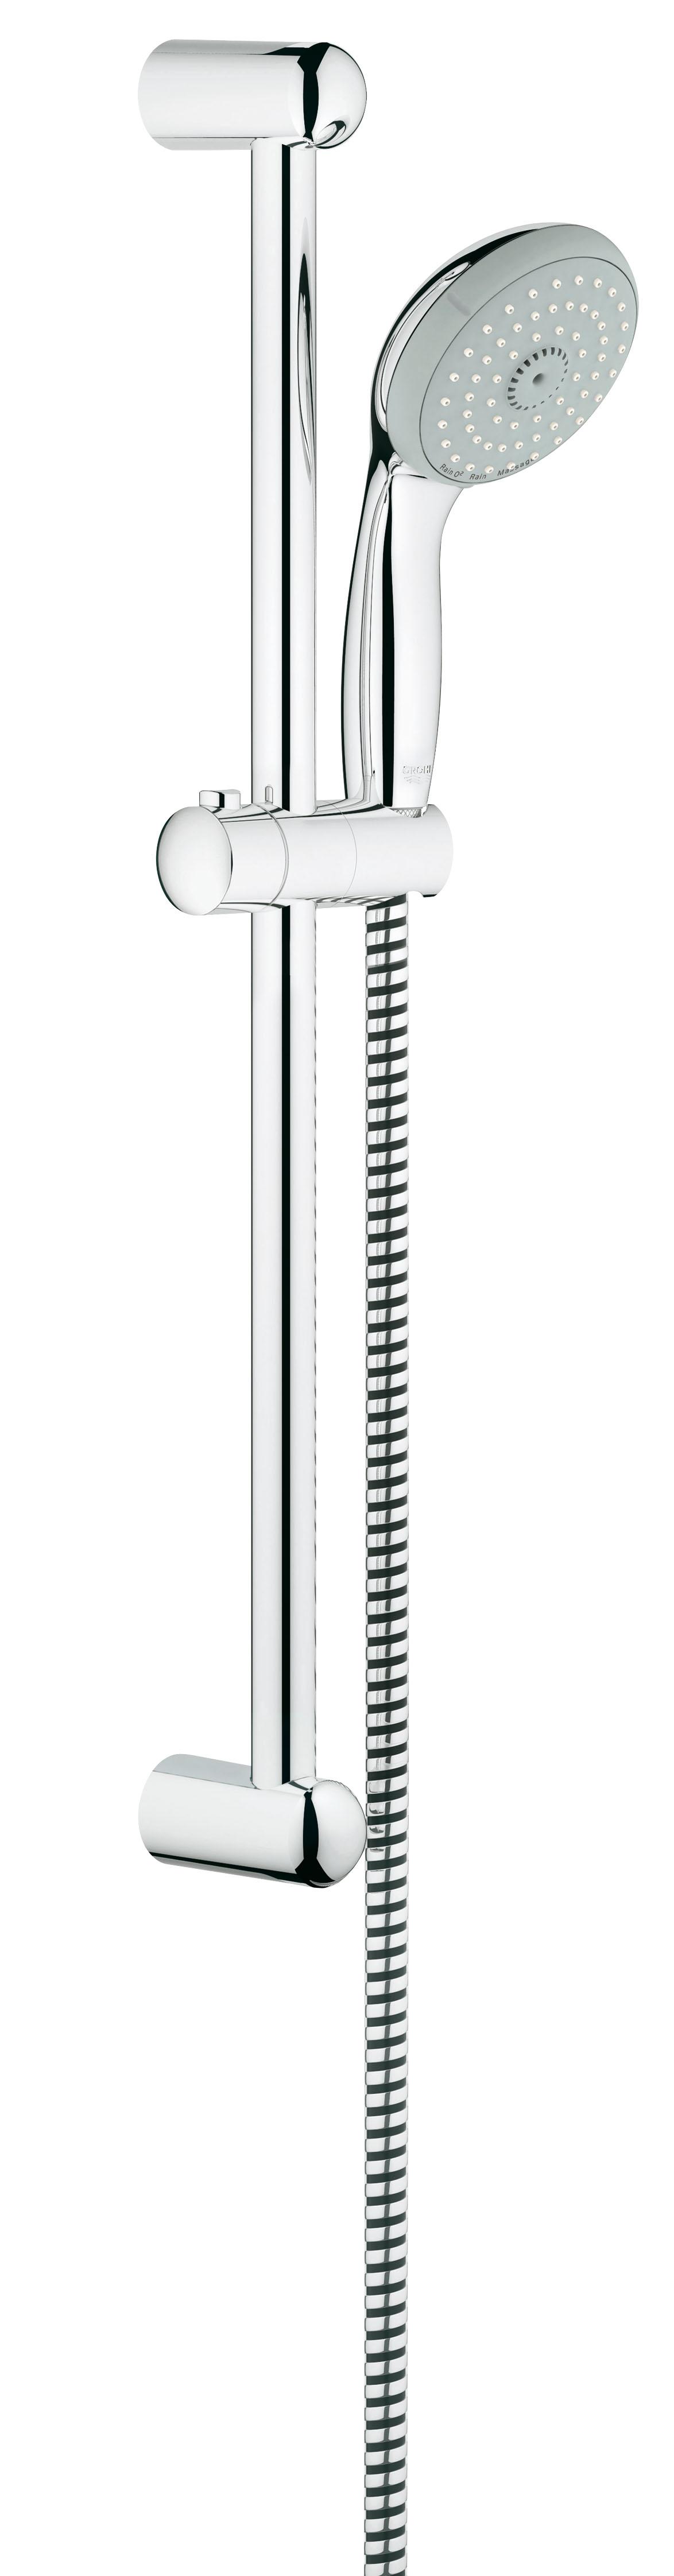 Душевой комплект GROHE New Tempesta, штанга 600мм. (27794000)BL505GROHE New Tempesta 100: душевой гарнитур со штангой, с тремя режимами струи и глянцевым хромированным покрытием Этот душевой гарнитур из серии GROHE New Tempesta 100 станет эффектным акцентом в интерьере Вашей ванной комнаты. Износостойкое хромированное покрытие GROHE StarLight придает ручному душу, душевой штанге и шлангу восхитительный блеск, приковывающий взгляд, а также неприхотливость в уходе. Силиконовое кольцо ShockProof обеспечивает ручному душу защиту от повреждений в случае падения. В душевую головку встроена предотвращающая известкование система SpeedClean, благодаря которой для очищения силиконовых форсунок от известкового налета достаточно их бережно протереть. Наслаждайтесь расслабляющими водными процедурами в стиле спа, пользуясь тремя режимами струи, среди которых – GROHE Rain O?, создающий восхитительный, ласковый, насыщенный пузырьками воздуха поток воды, дарящий ощущение полного блаженства. Технология GROHE DreamSpray обеспечивает равномерное распределение воды через все форсунки. Привнесите элемент роскоши в атмосферу своей ванной комнаты с помощью этого высокофункционального душевого гарнитура со штангой. Особенности:Включает в себя: Душевая штанга, 600 мм (27 523 000) Душевой шланг Relexaflex 1750 мм 1/2? x 1/2? (28 154 000) GROHE DreamSpray превосходный поток воды GROHE StarLight хромированная поверхностьС системой SpeedClean против известковых отложений Внутренний охлаждающий канал для продолжительного срока службы ShockProof силиконовое кольцо, предотвращающееПовреждение поверхности при падении ручного душа Может использоваться с проточным водонагревателемВидео по установке является исключительно информационным. Установка должна проводиться профессионалами!